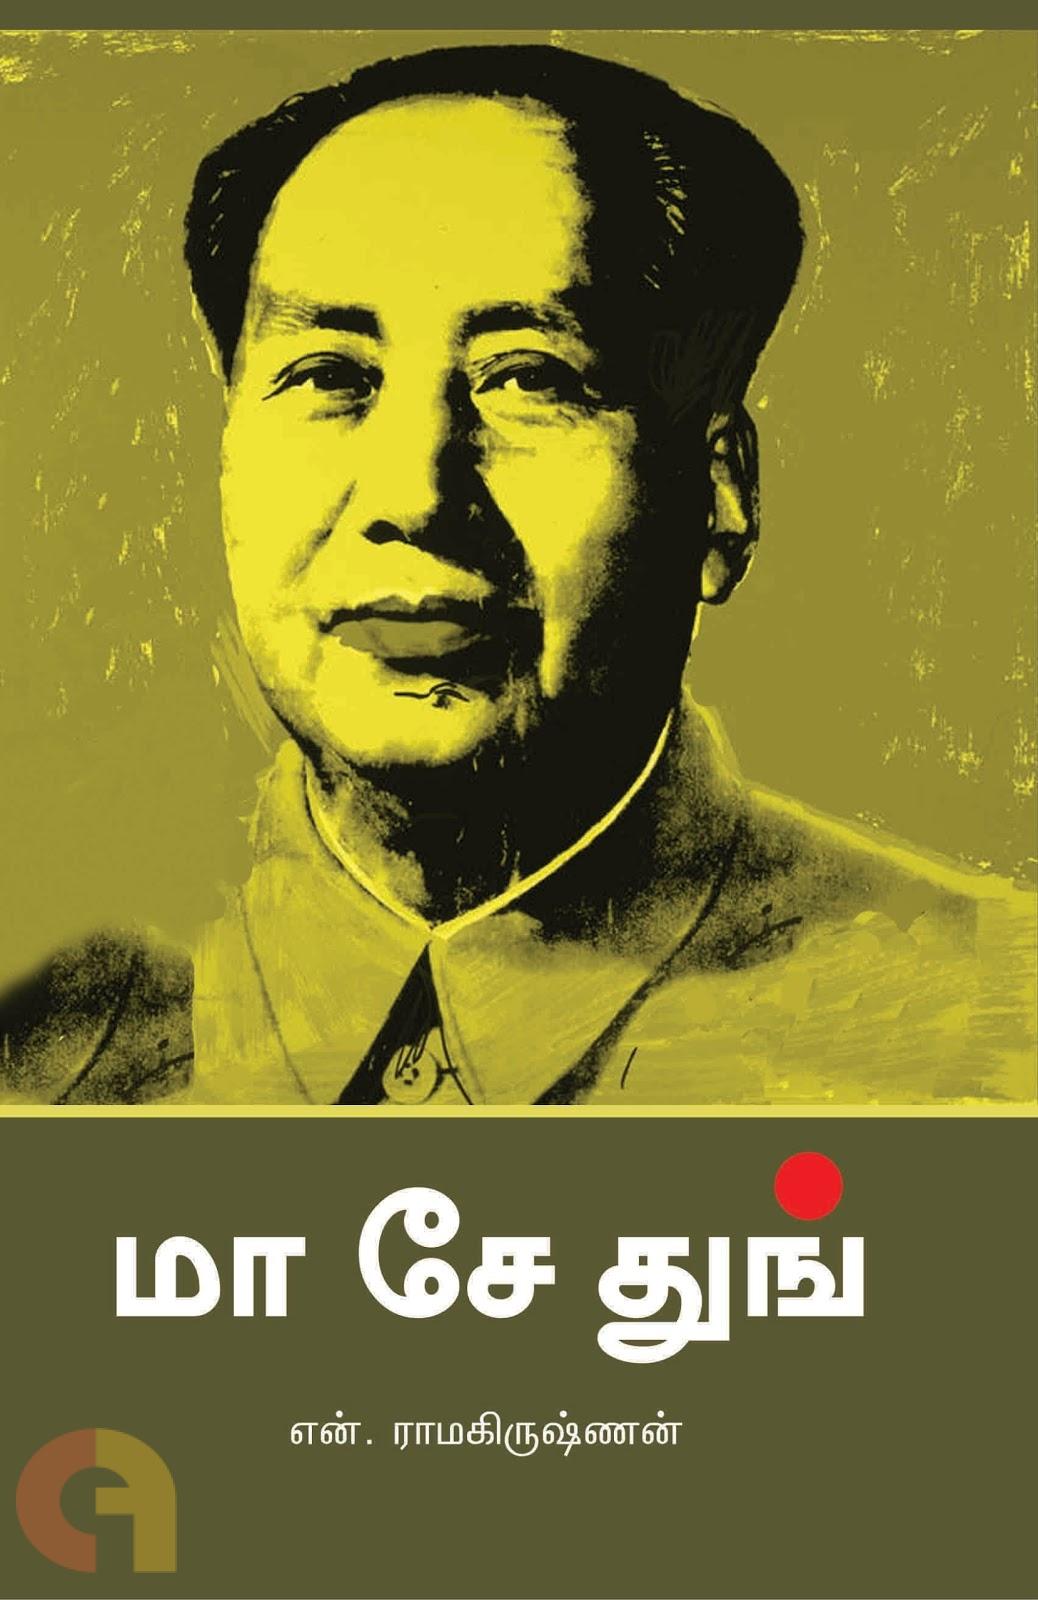 மா சே துங் (பாரதி புத்தகாலயம்)